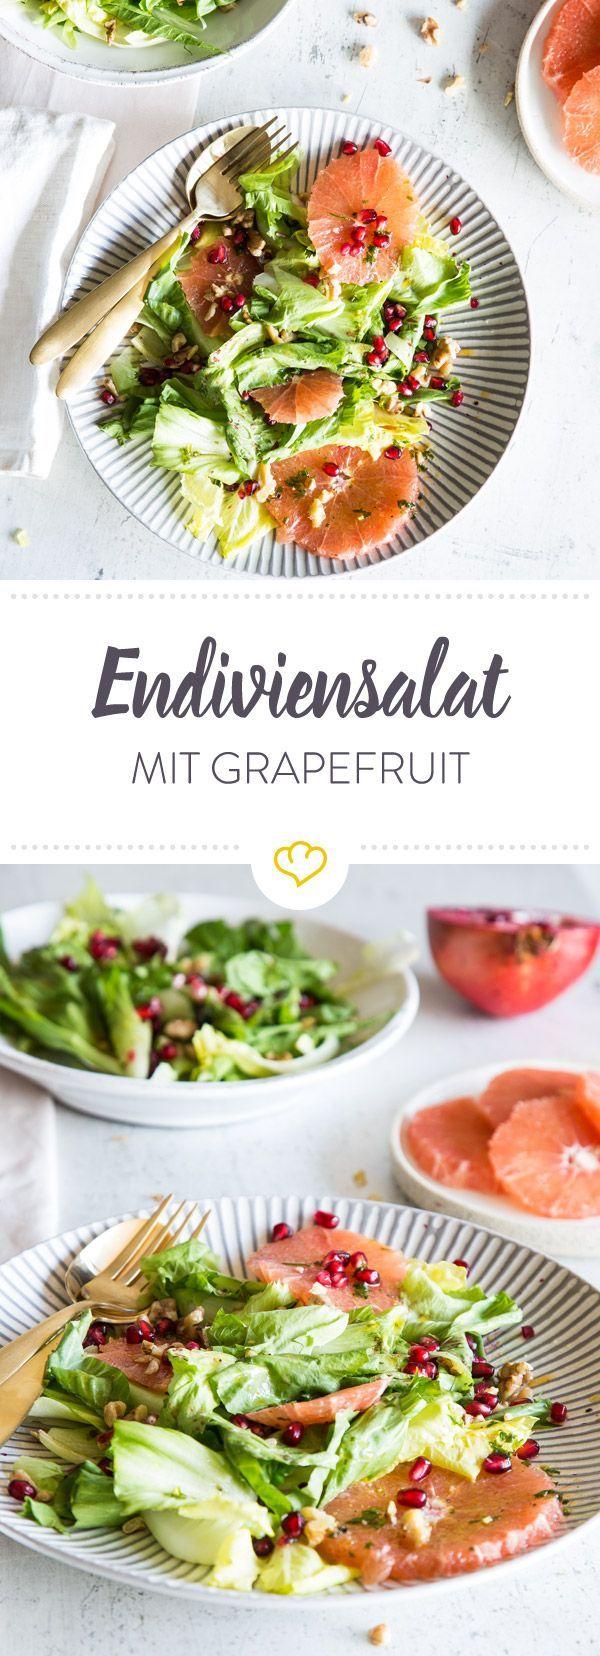 Herb, fruchtig und süß - so präsentiert sich dein Endiviensalat. Statt klassischem Sahne-Dressing kommen Grapefruitsaft, Kerbel und Honig in den Mixbecher.